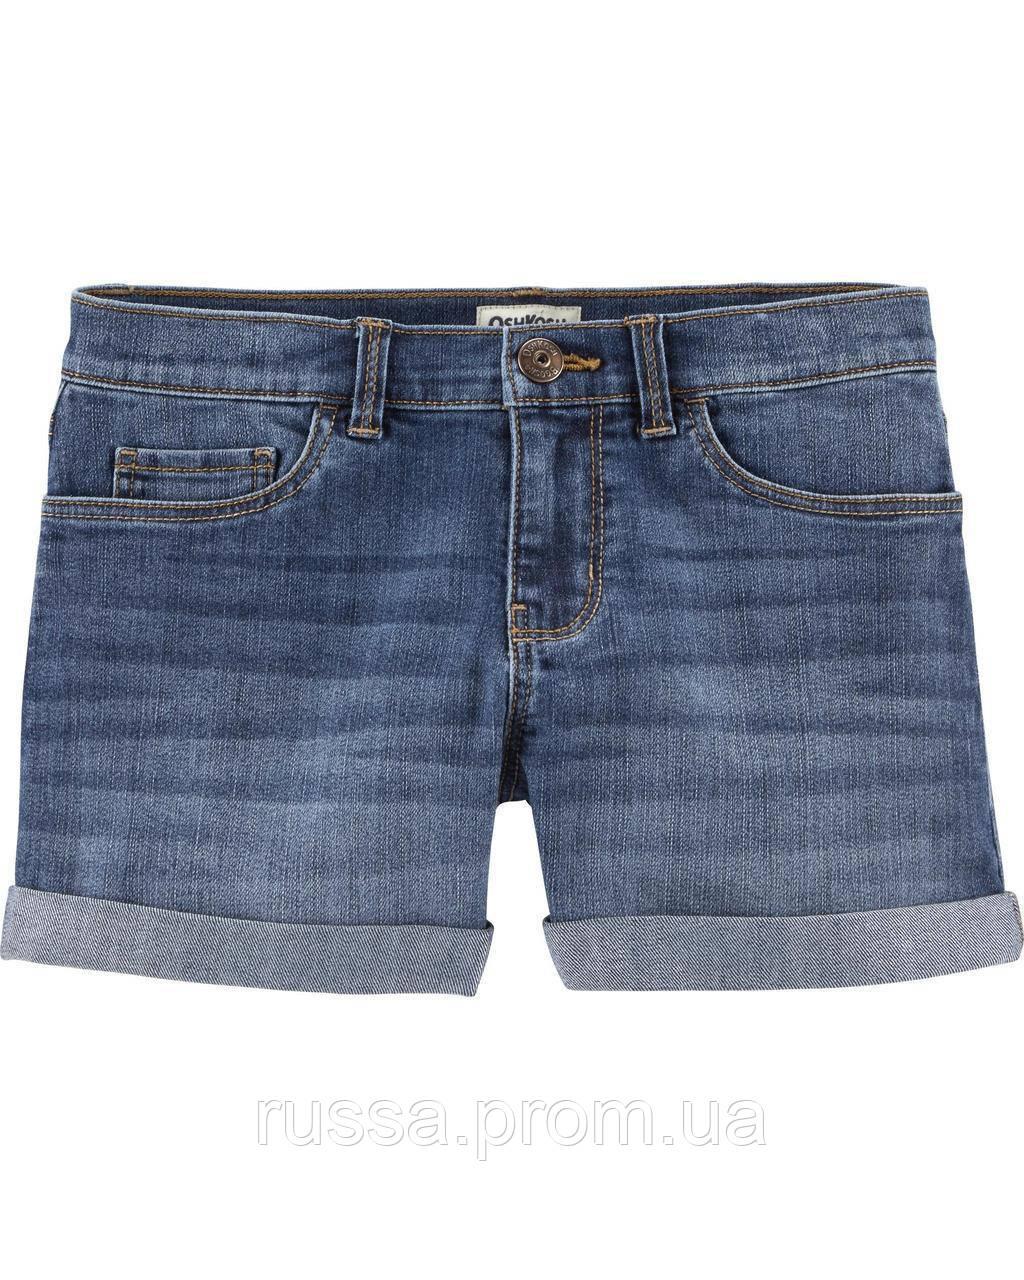 Детские джинсовые шорты с отворотами ОшКош для девочки